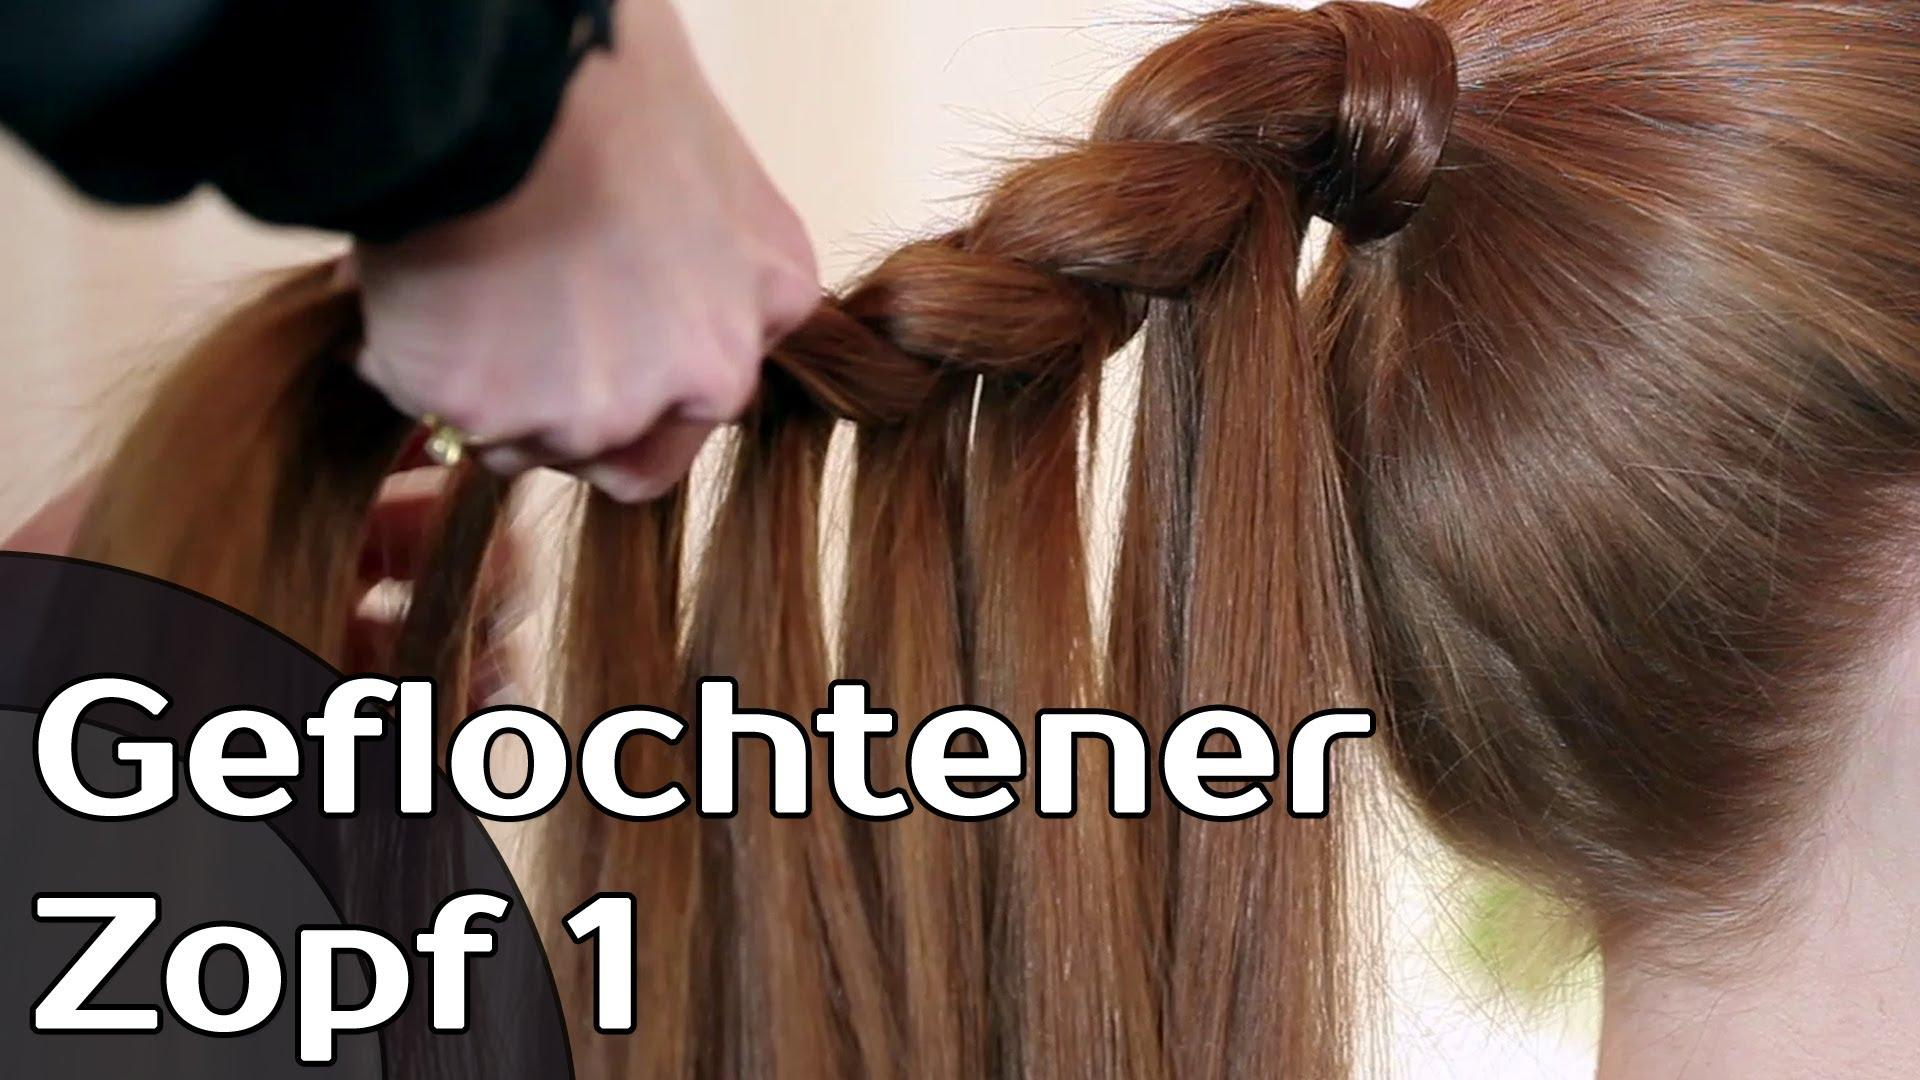 Geflochtener Zopf 1 – Haare Flechten Stylen Tutorial – Fashionradar